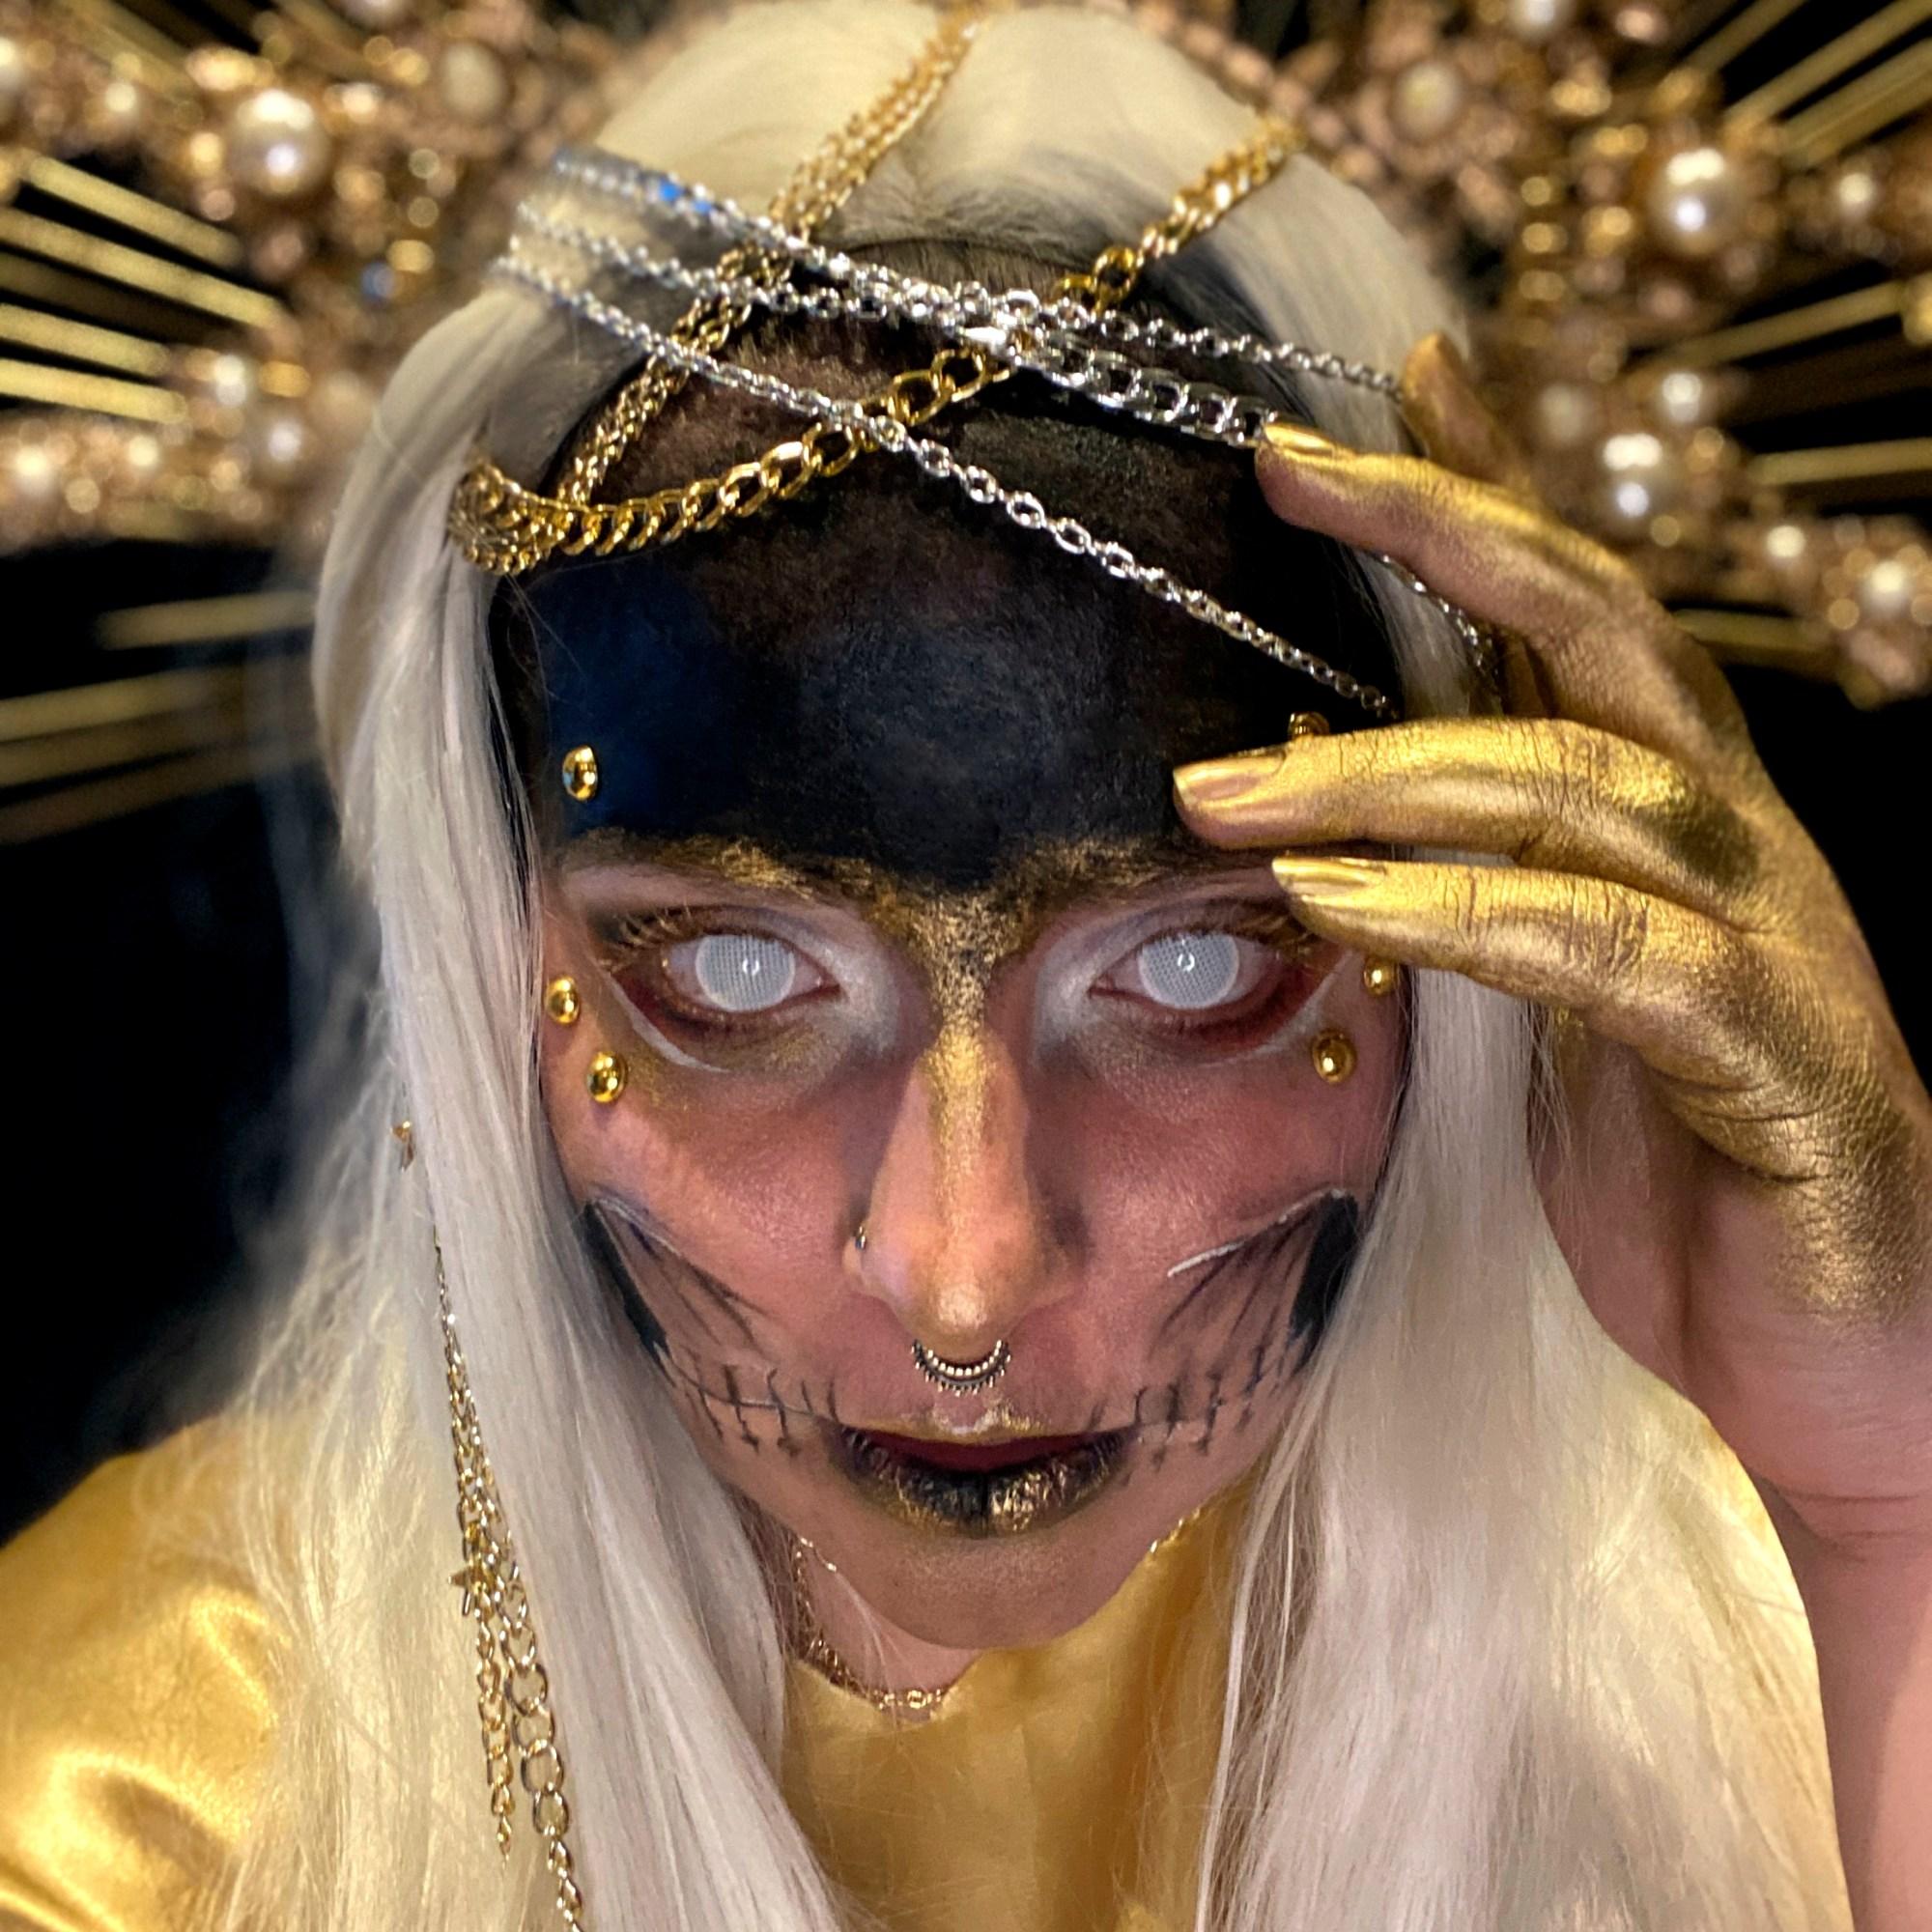 Kaitlyn Armitano as the Angel of Death